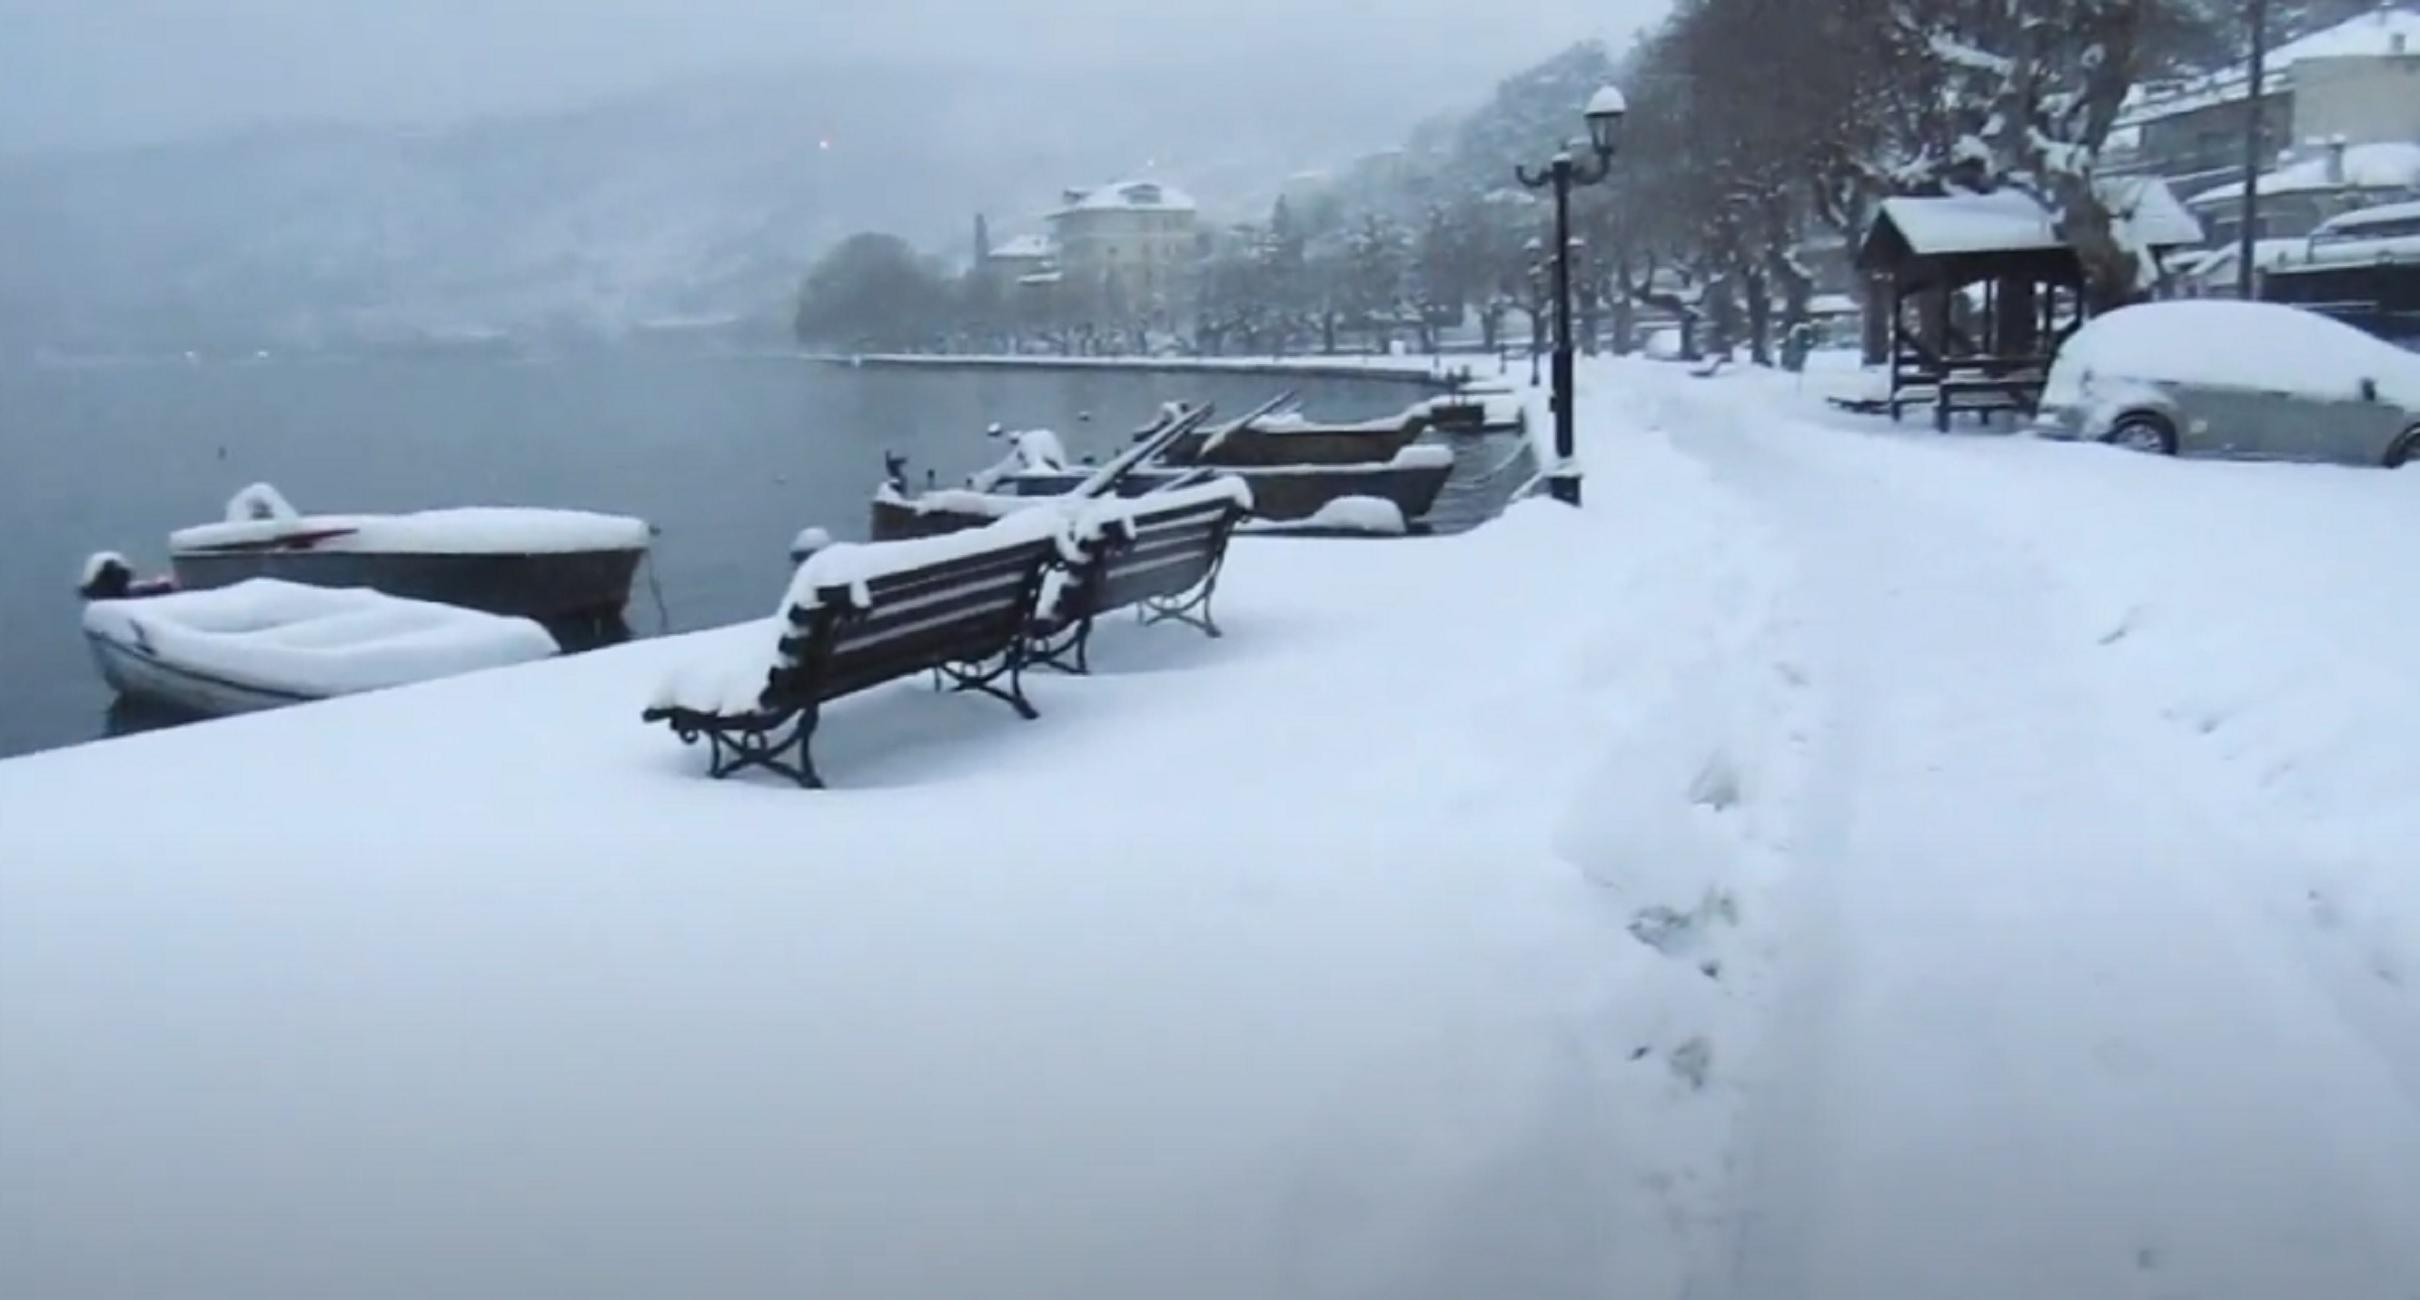 Καιρός – Καστοριά: Εκεί που καταγράφηκε η χαμηλότερη θερμοκρασία της ημέρας – Παγώνει η πανέμορφη λίμνη (video)